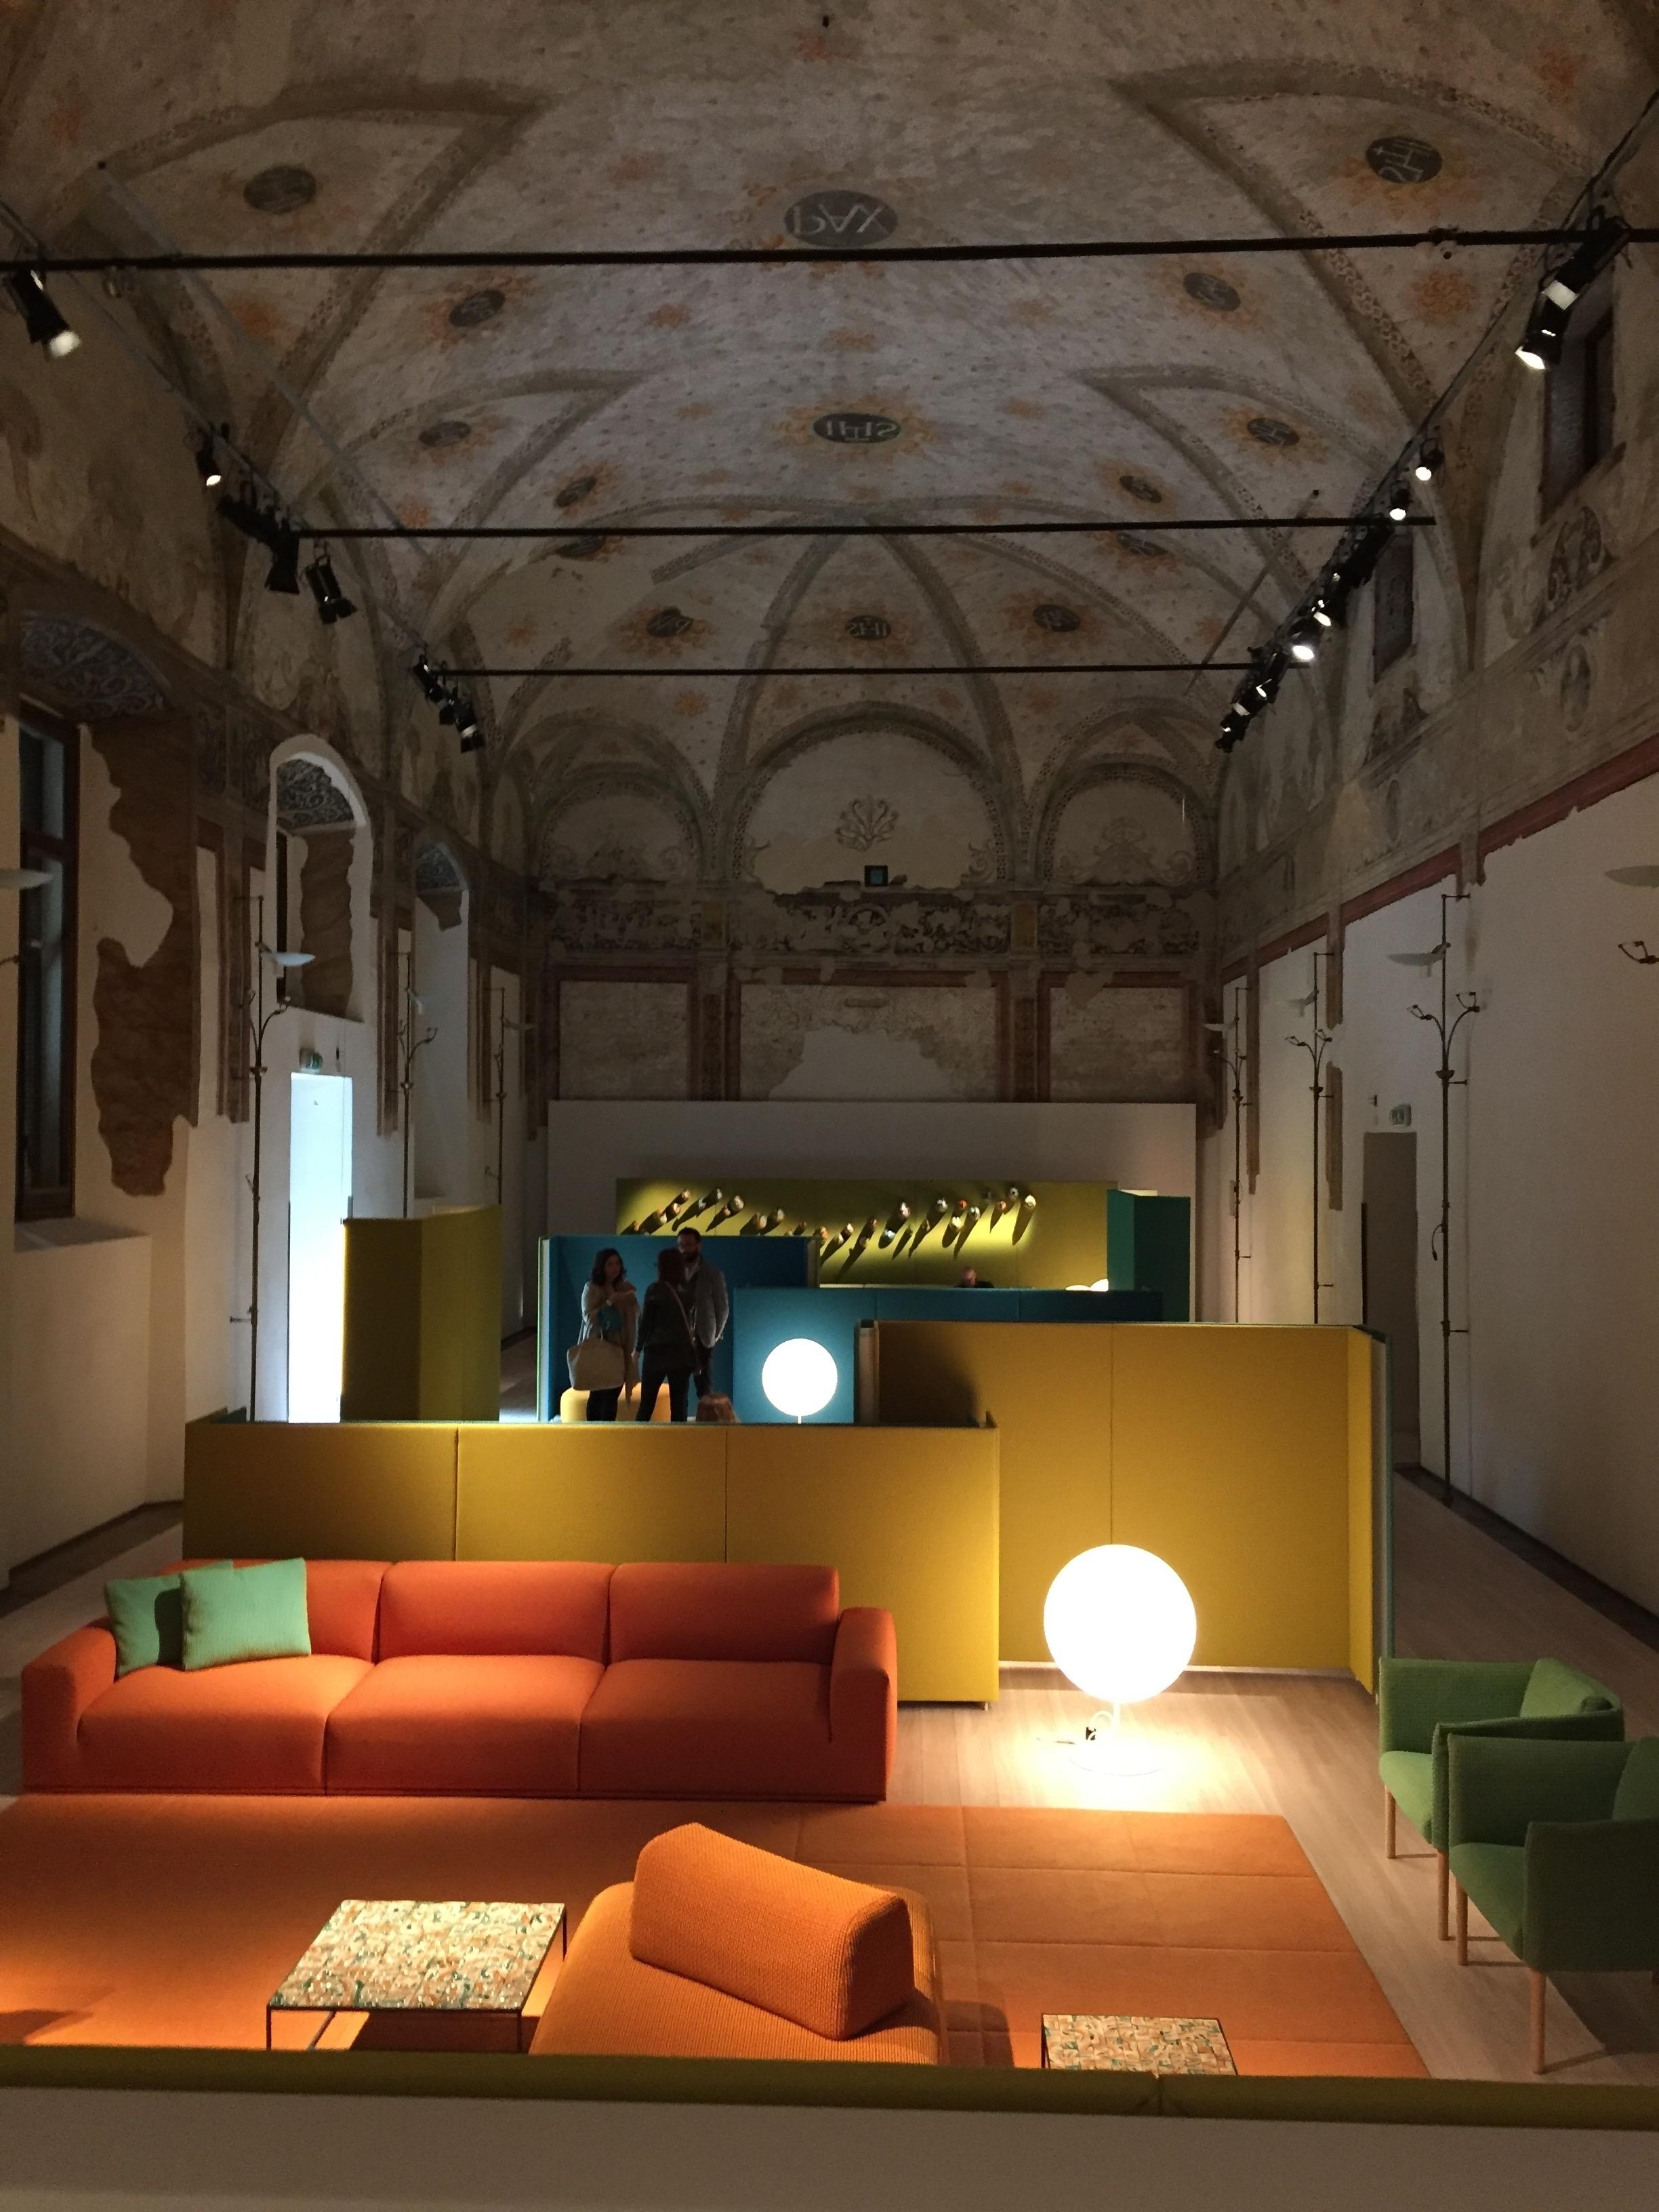 -Indagini diagnostiche su marmorini presso Salone degli Affreschi della Società Umanitaria,Via San Barnaba Milano.